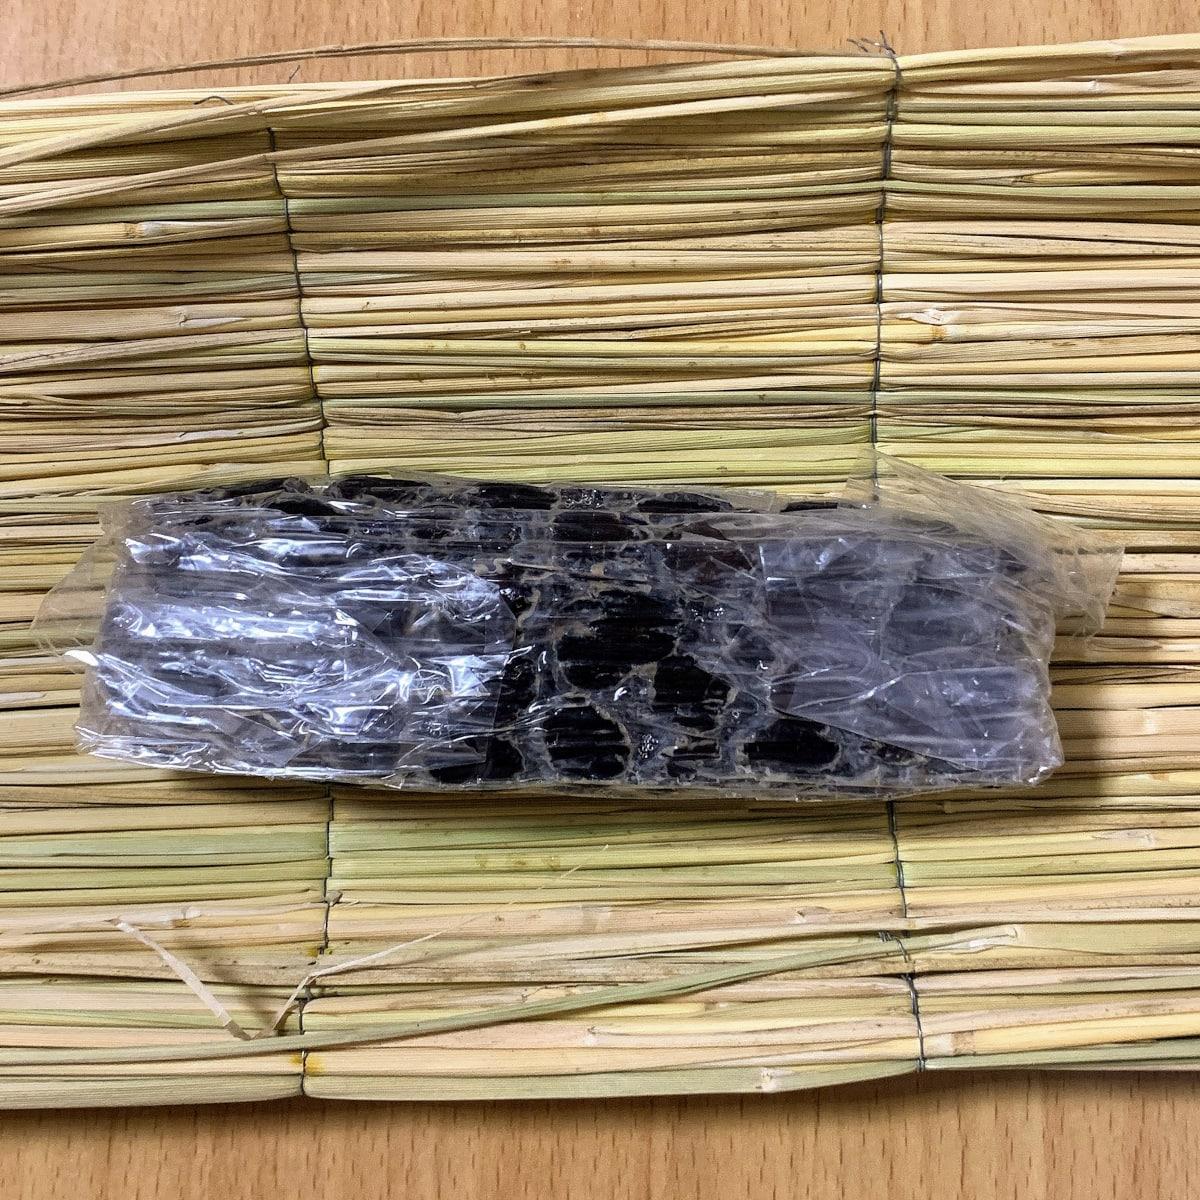 「丹波黒納豆」の藁苞の中の画像